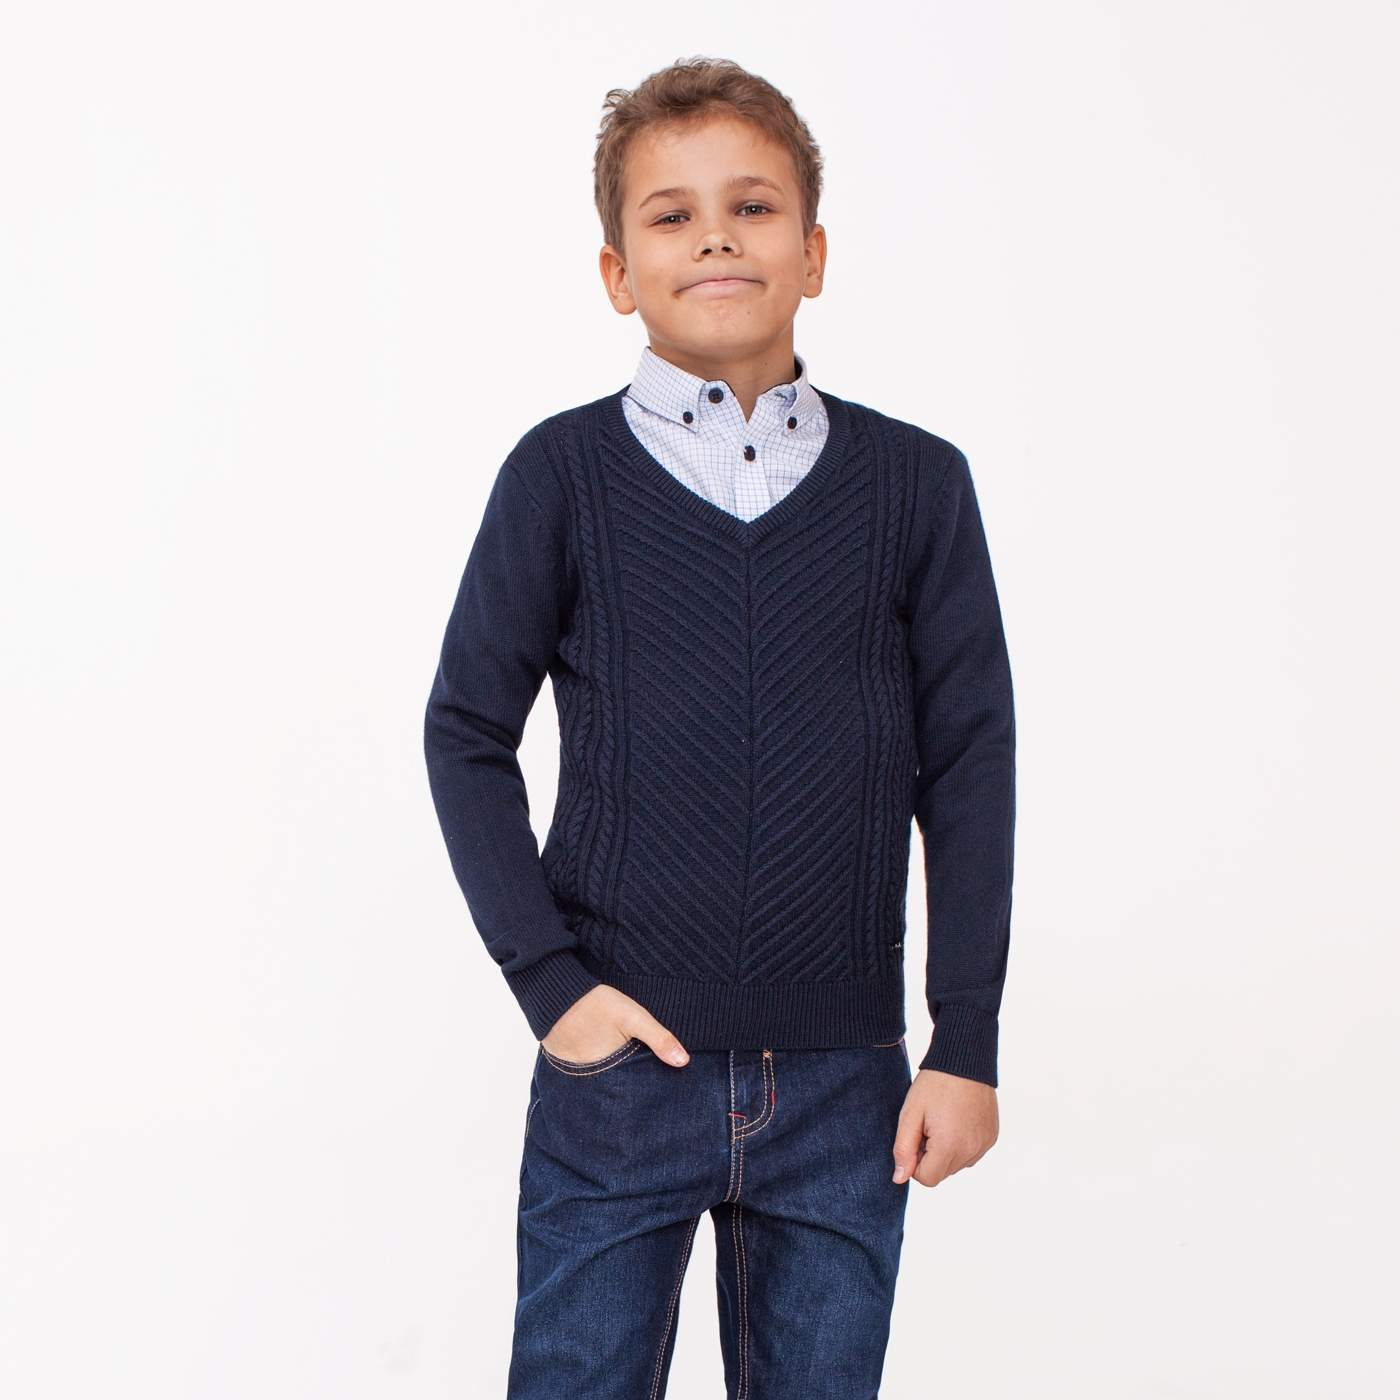 Джемпер Детский Для Мальчиков Доставка